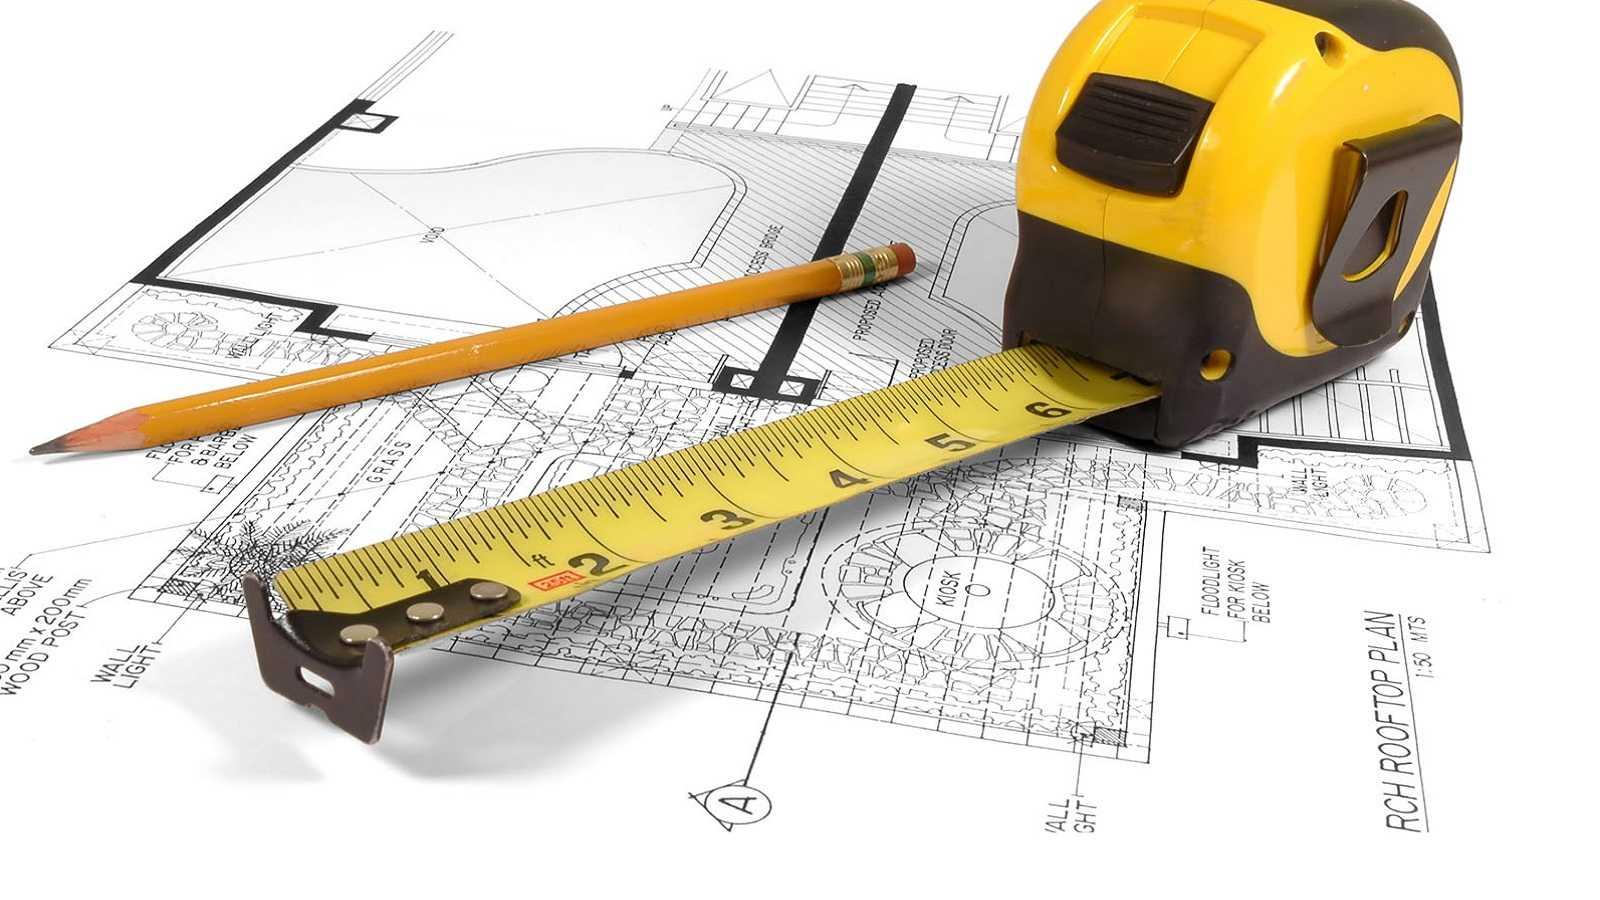 kak-izmerit-ploshhad-zastrojki-opredelenie-i-raschet-ploshhadi-pomeshheniya-1